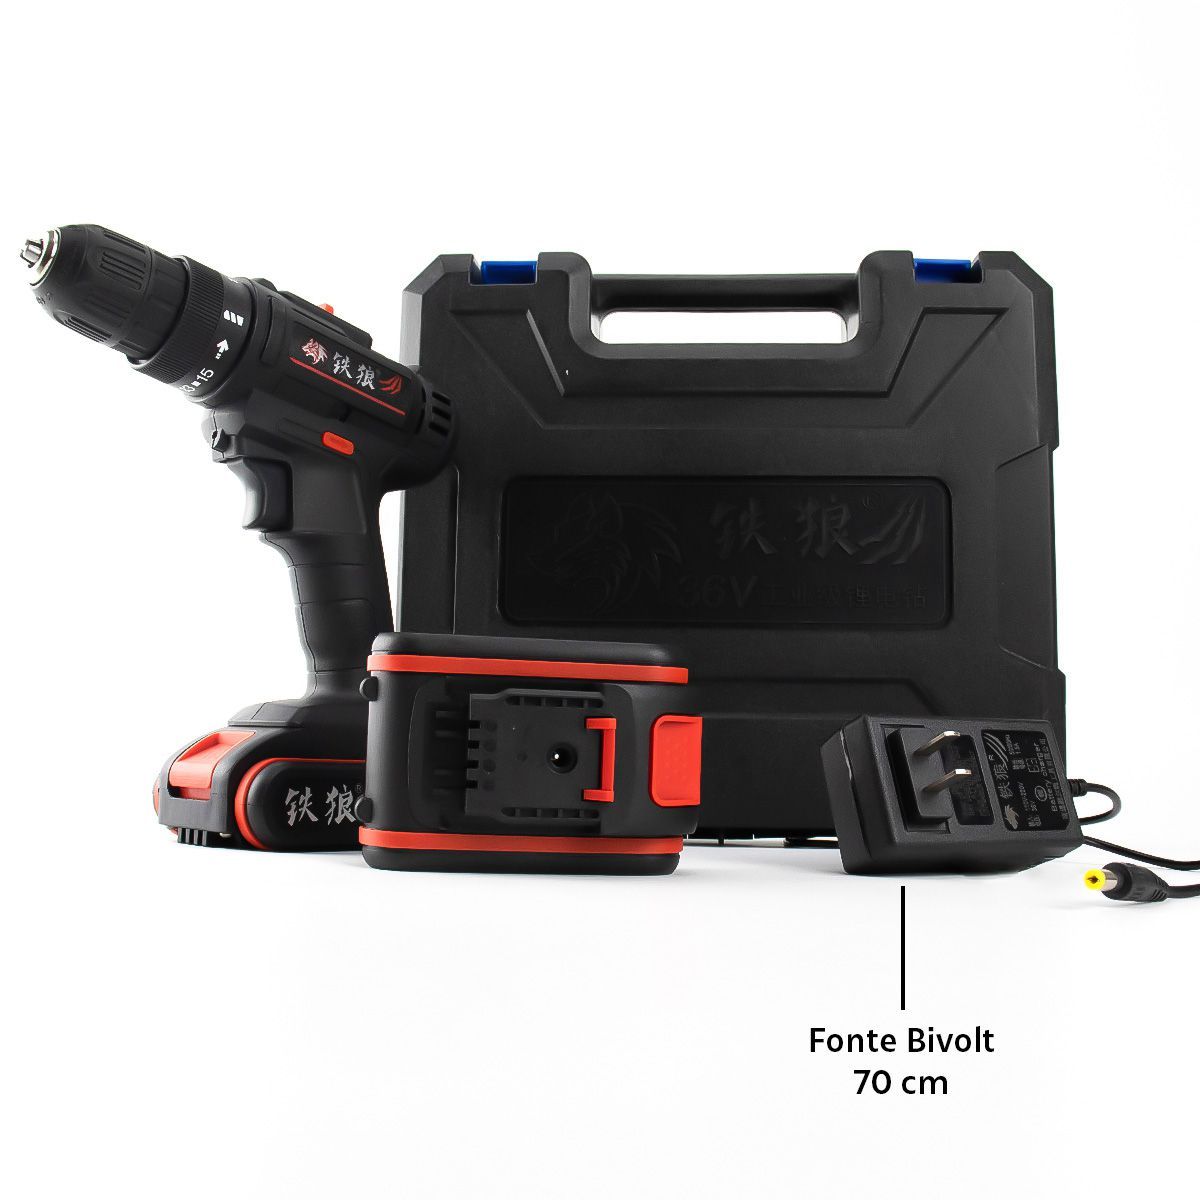 Parafusadeira Furadeira Elétrica à Bateria 36v Recarregável